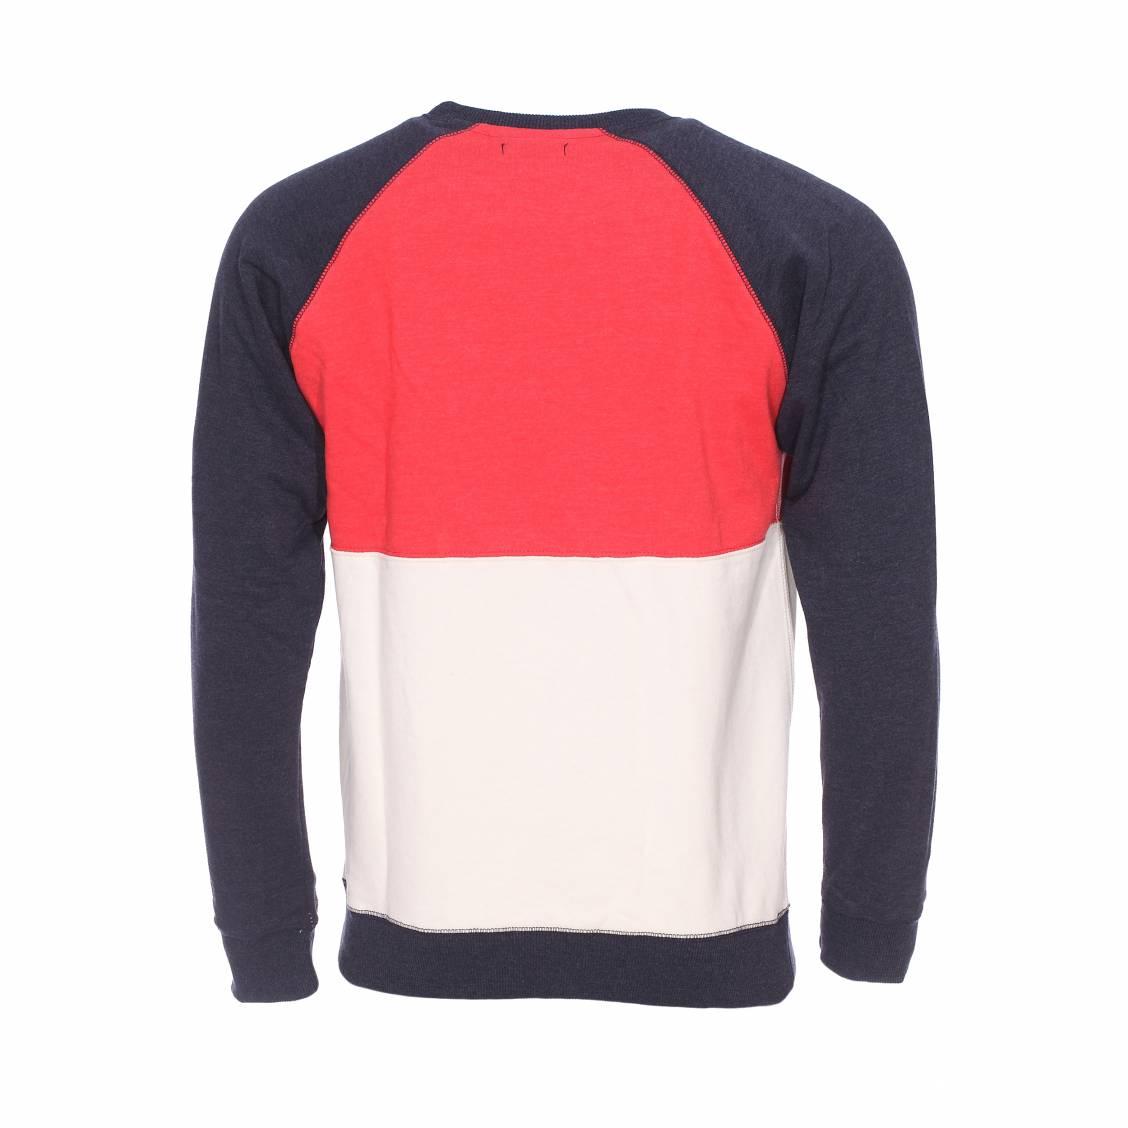 38ba82531b1c ... Sweat Icon Tommy Hilfiger en coton bleu marine rouge pale et creme